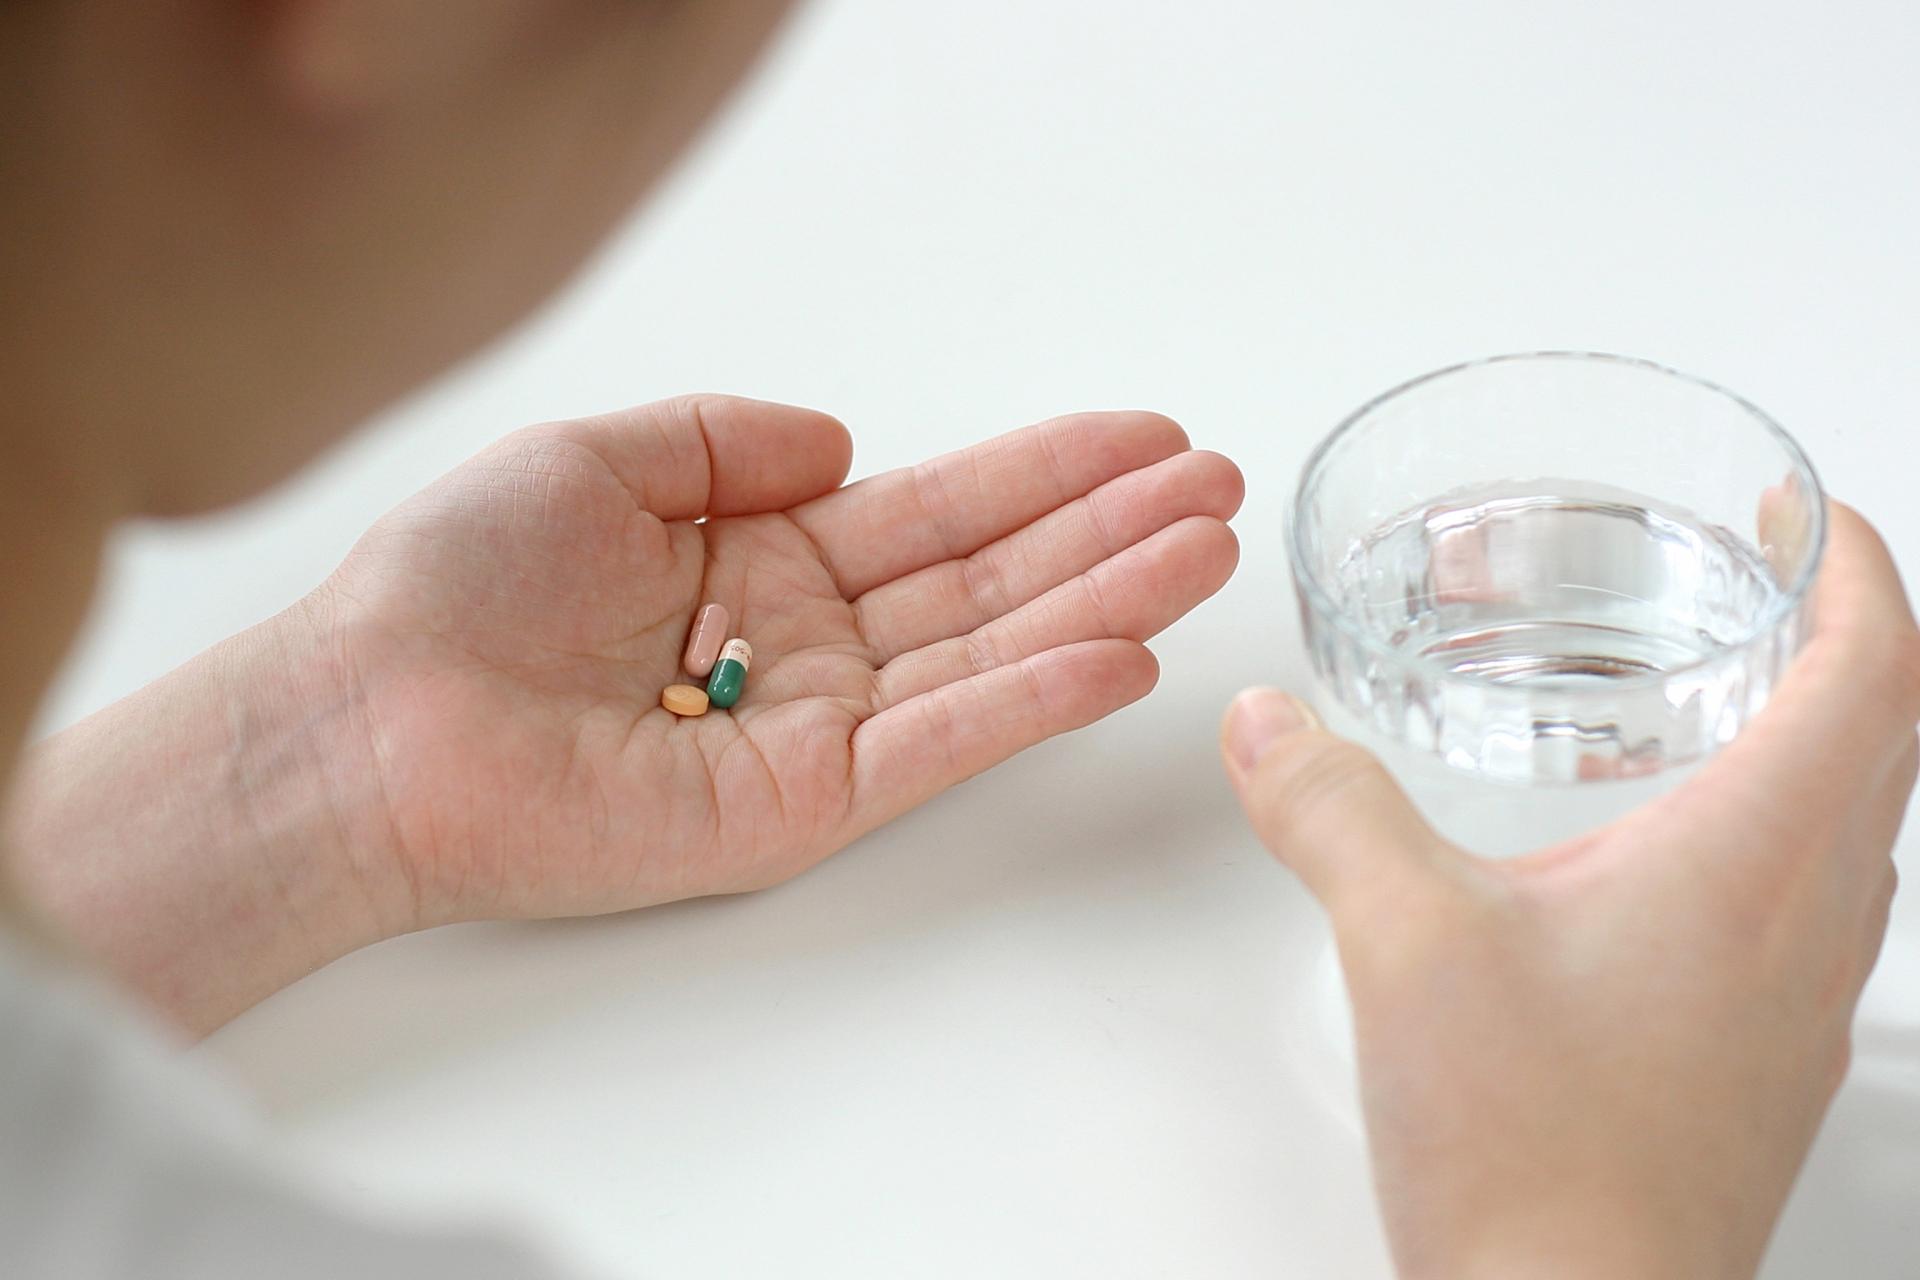 【水素サプリまとめ】コスパ?安全性?健康や美容を手に入れるためにどれを選ぶ?